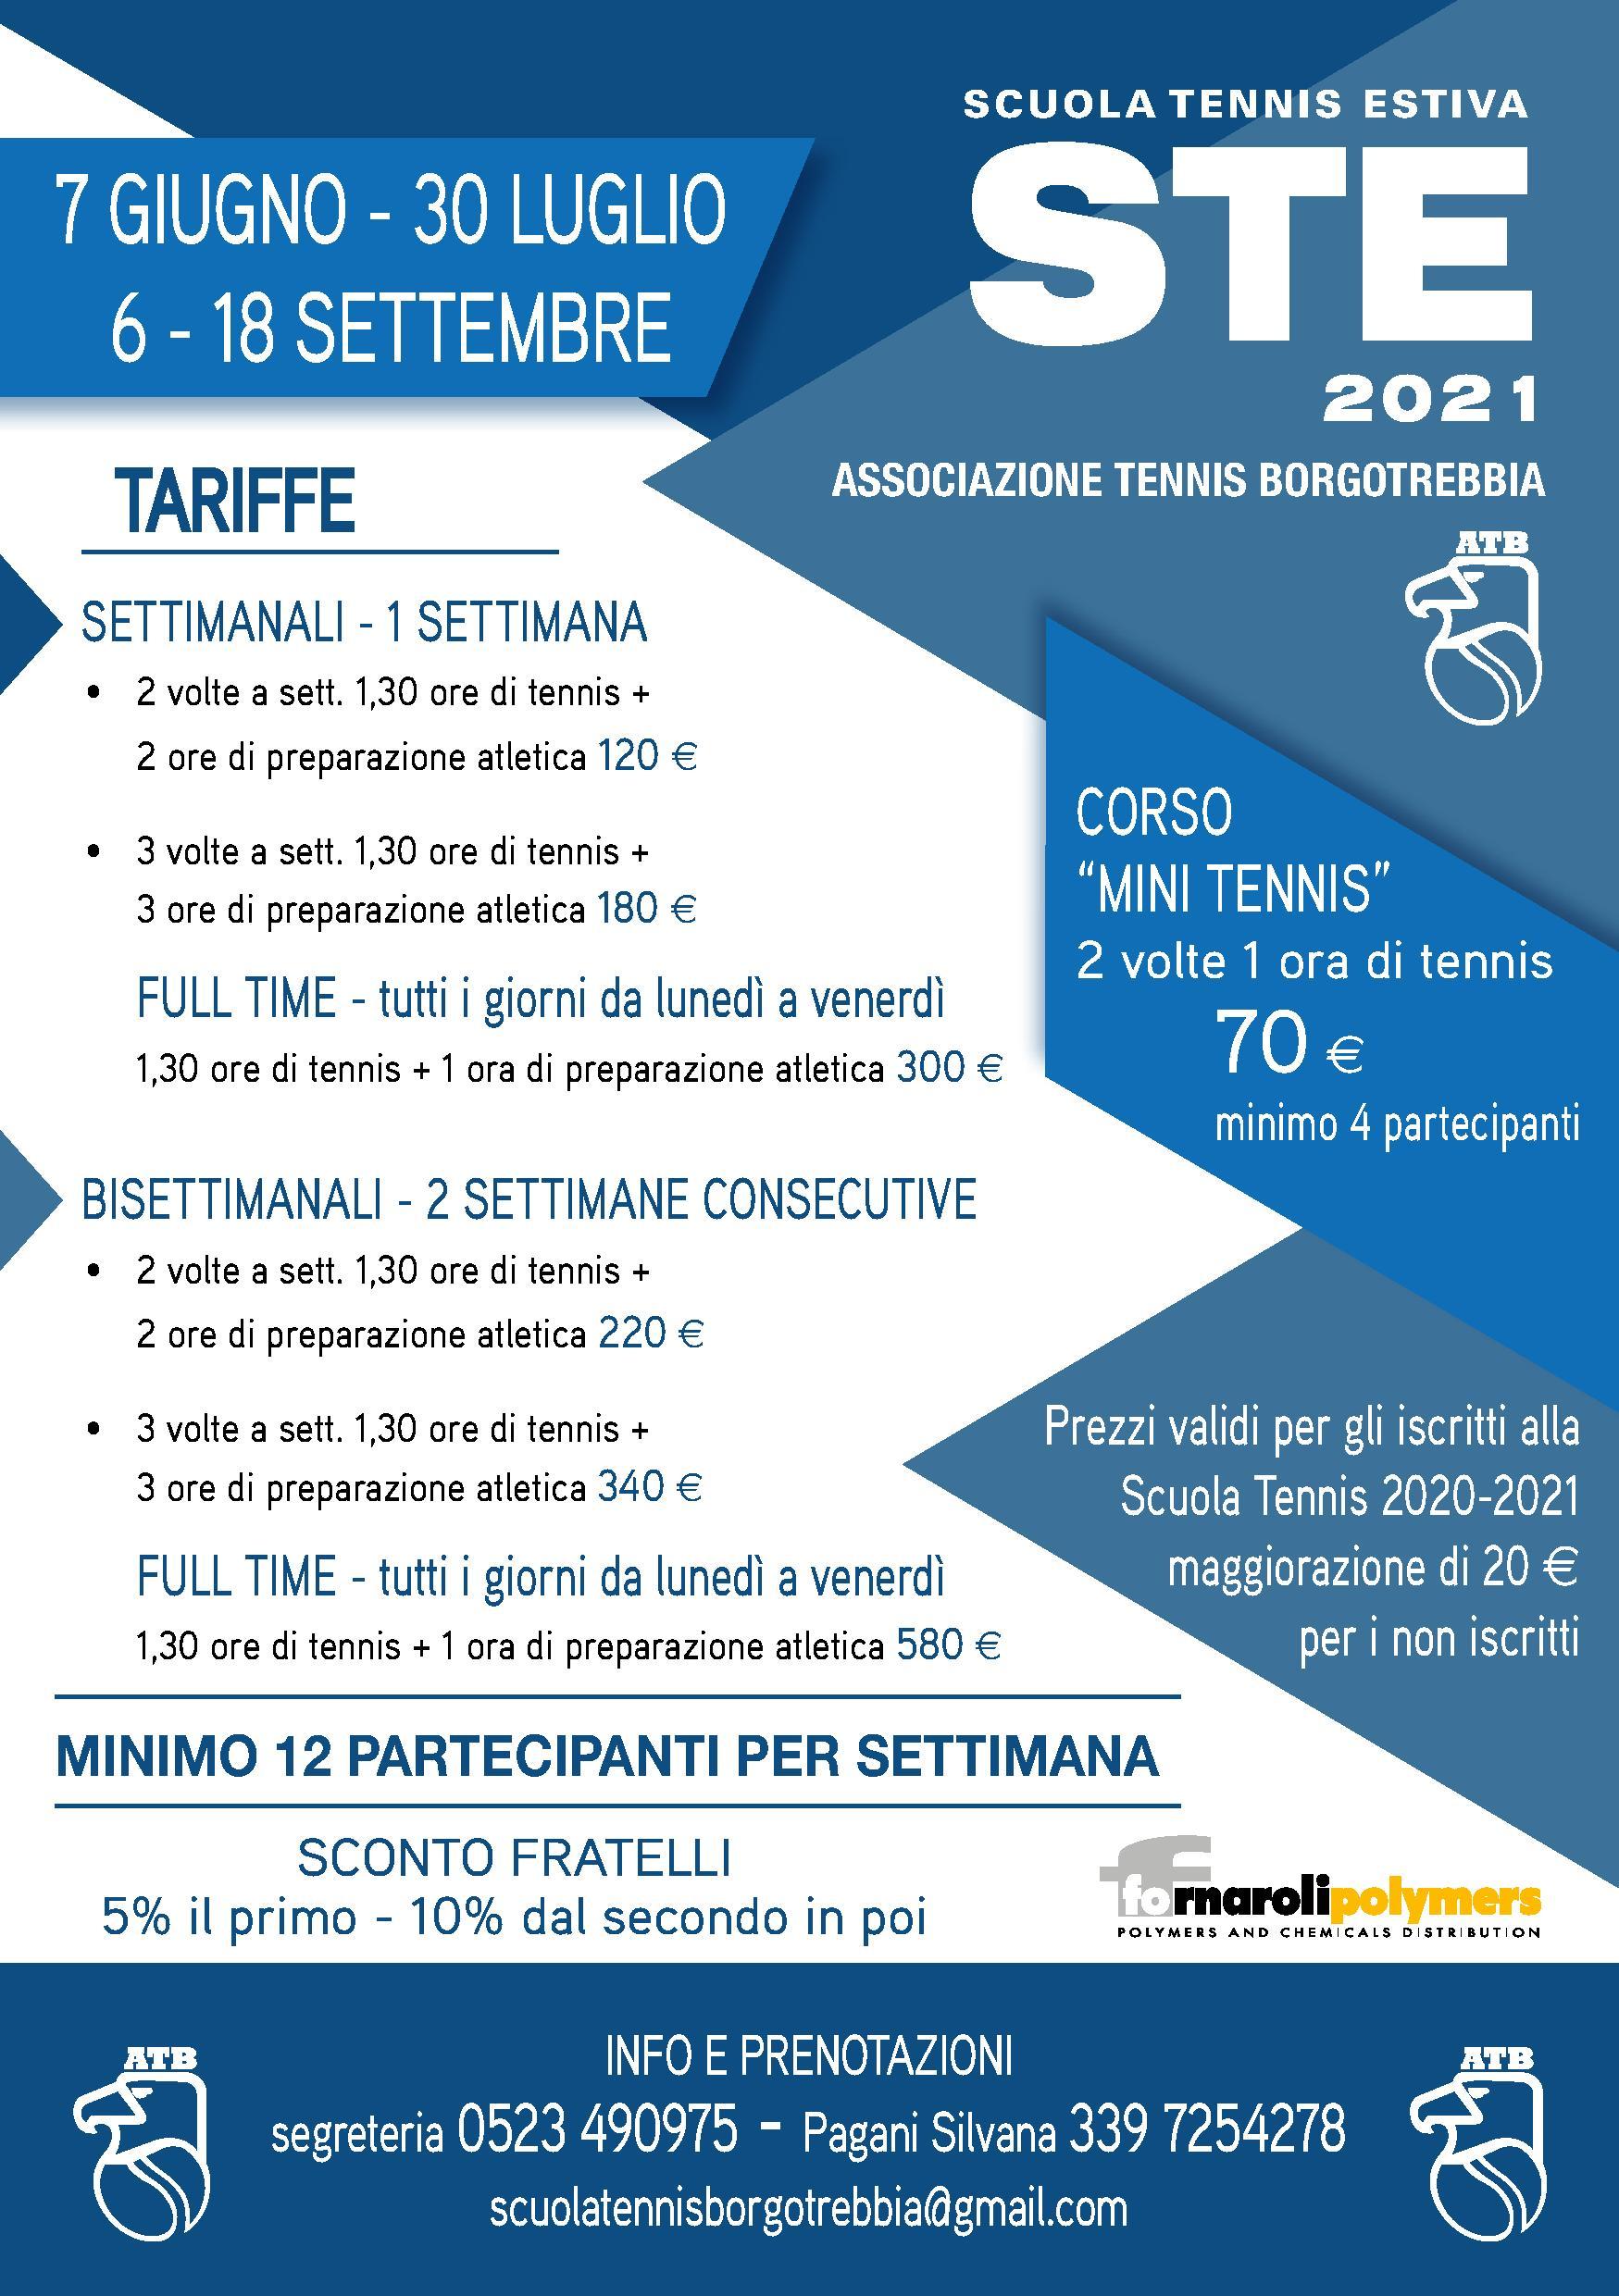 Scuola Tennis Estiva 2021